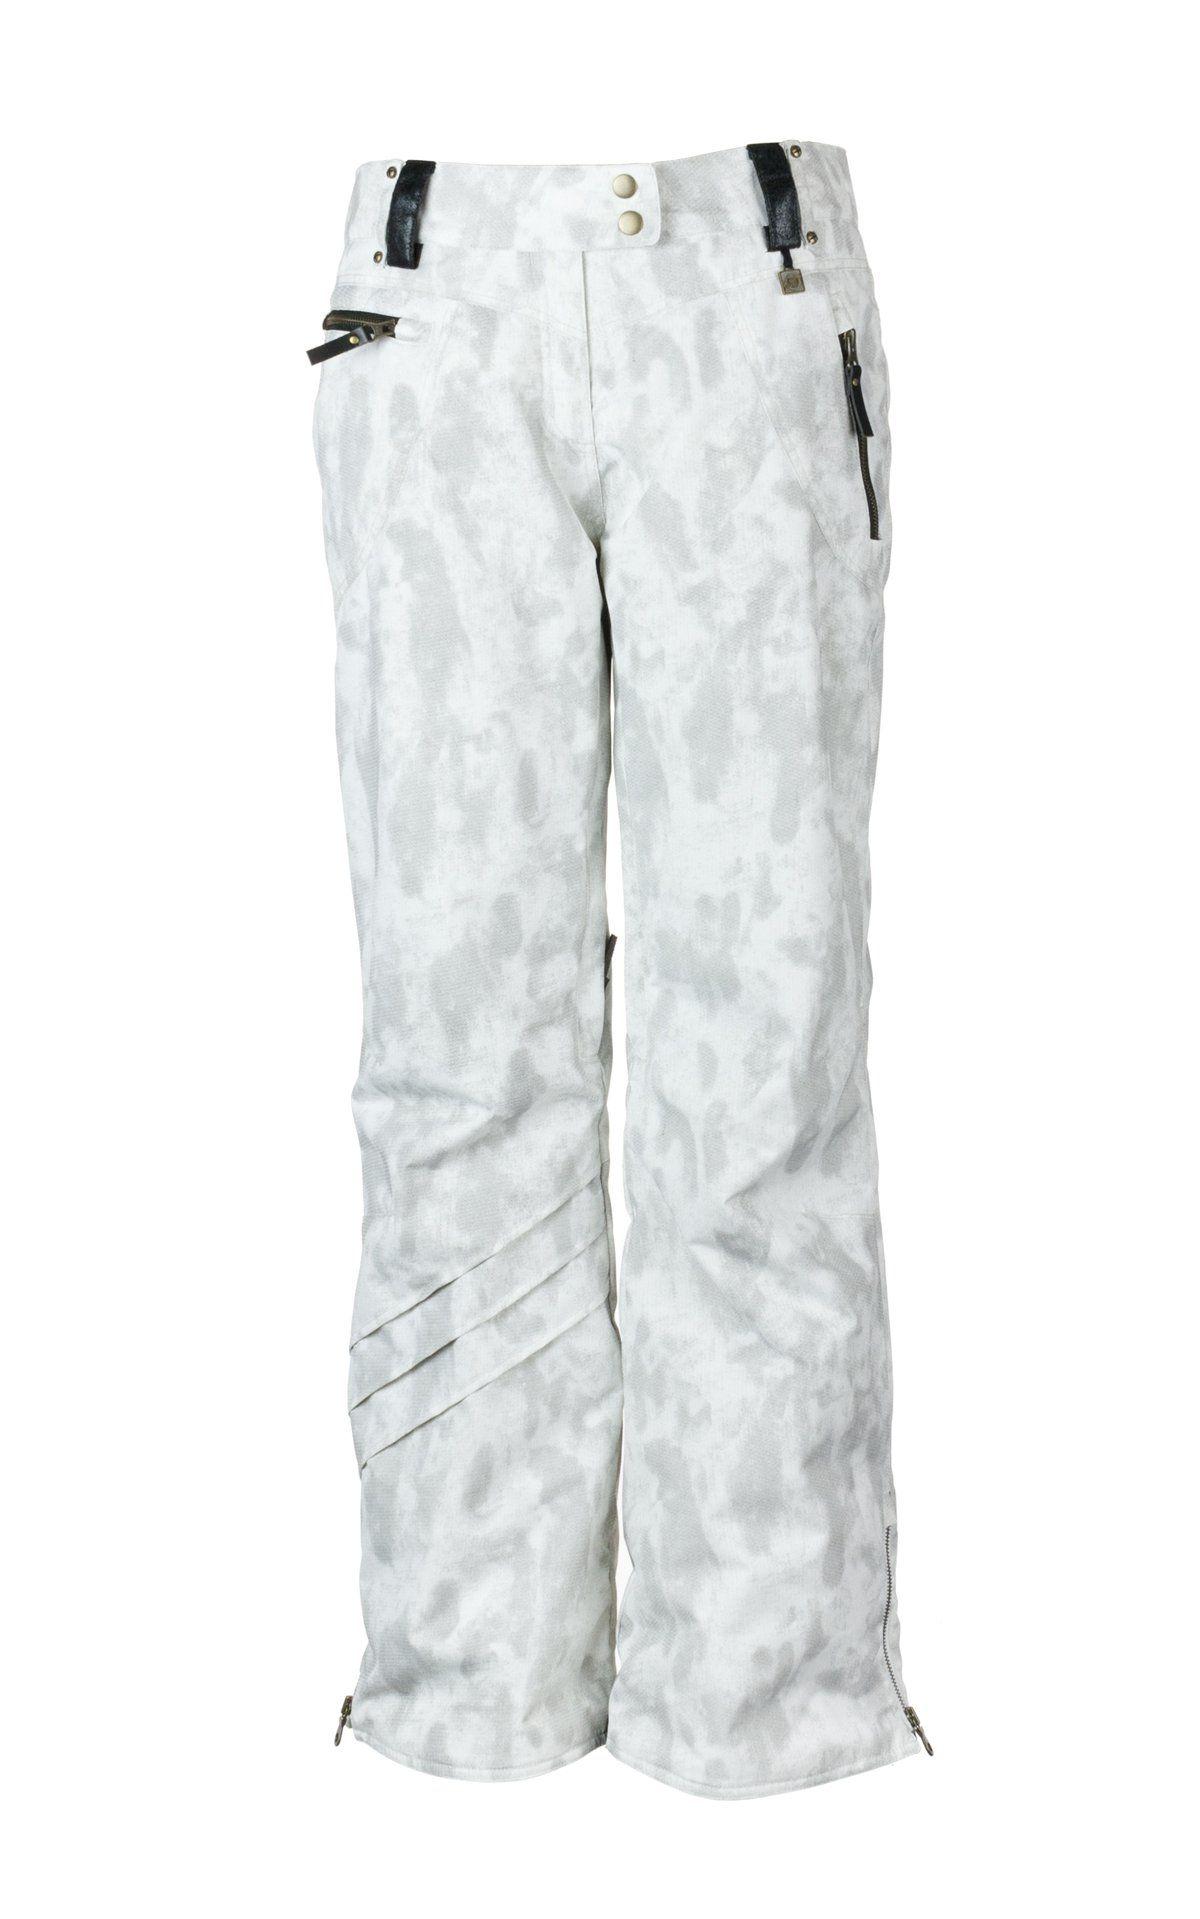 Delia Pant - Women - Obermeyer Ski Clothing  0bdc558e8